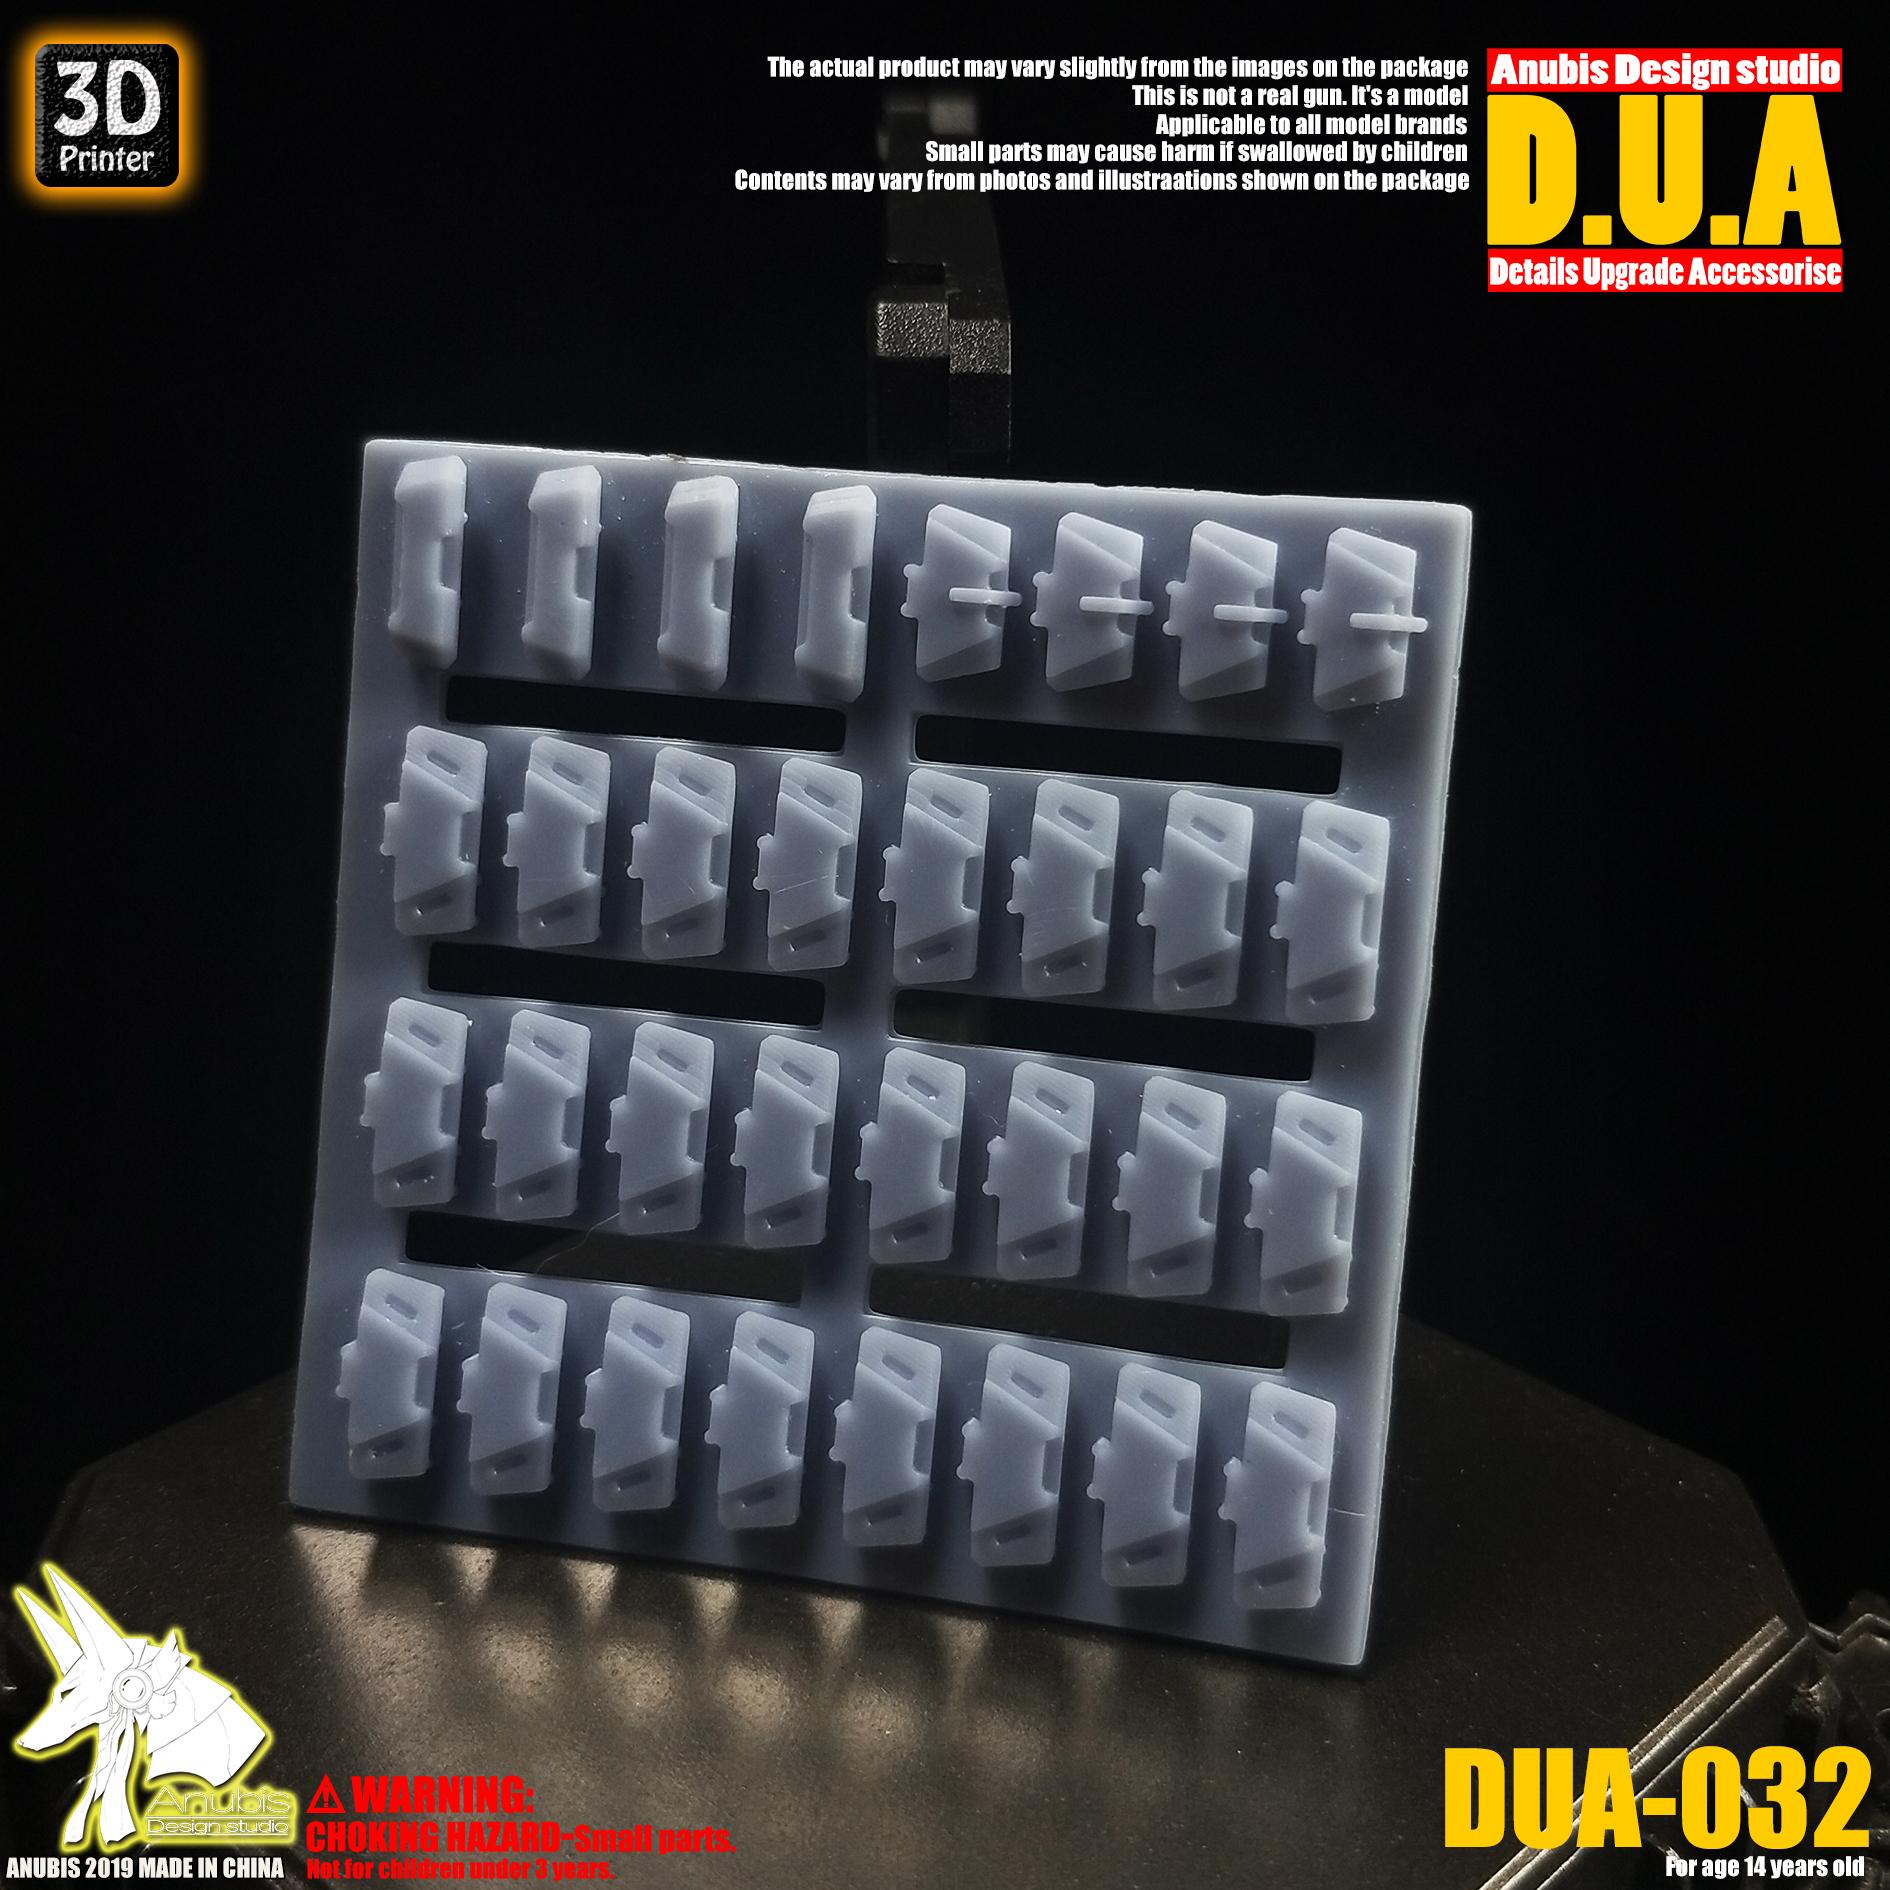 G413_DUA032_002.jpg